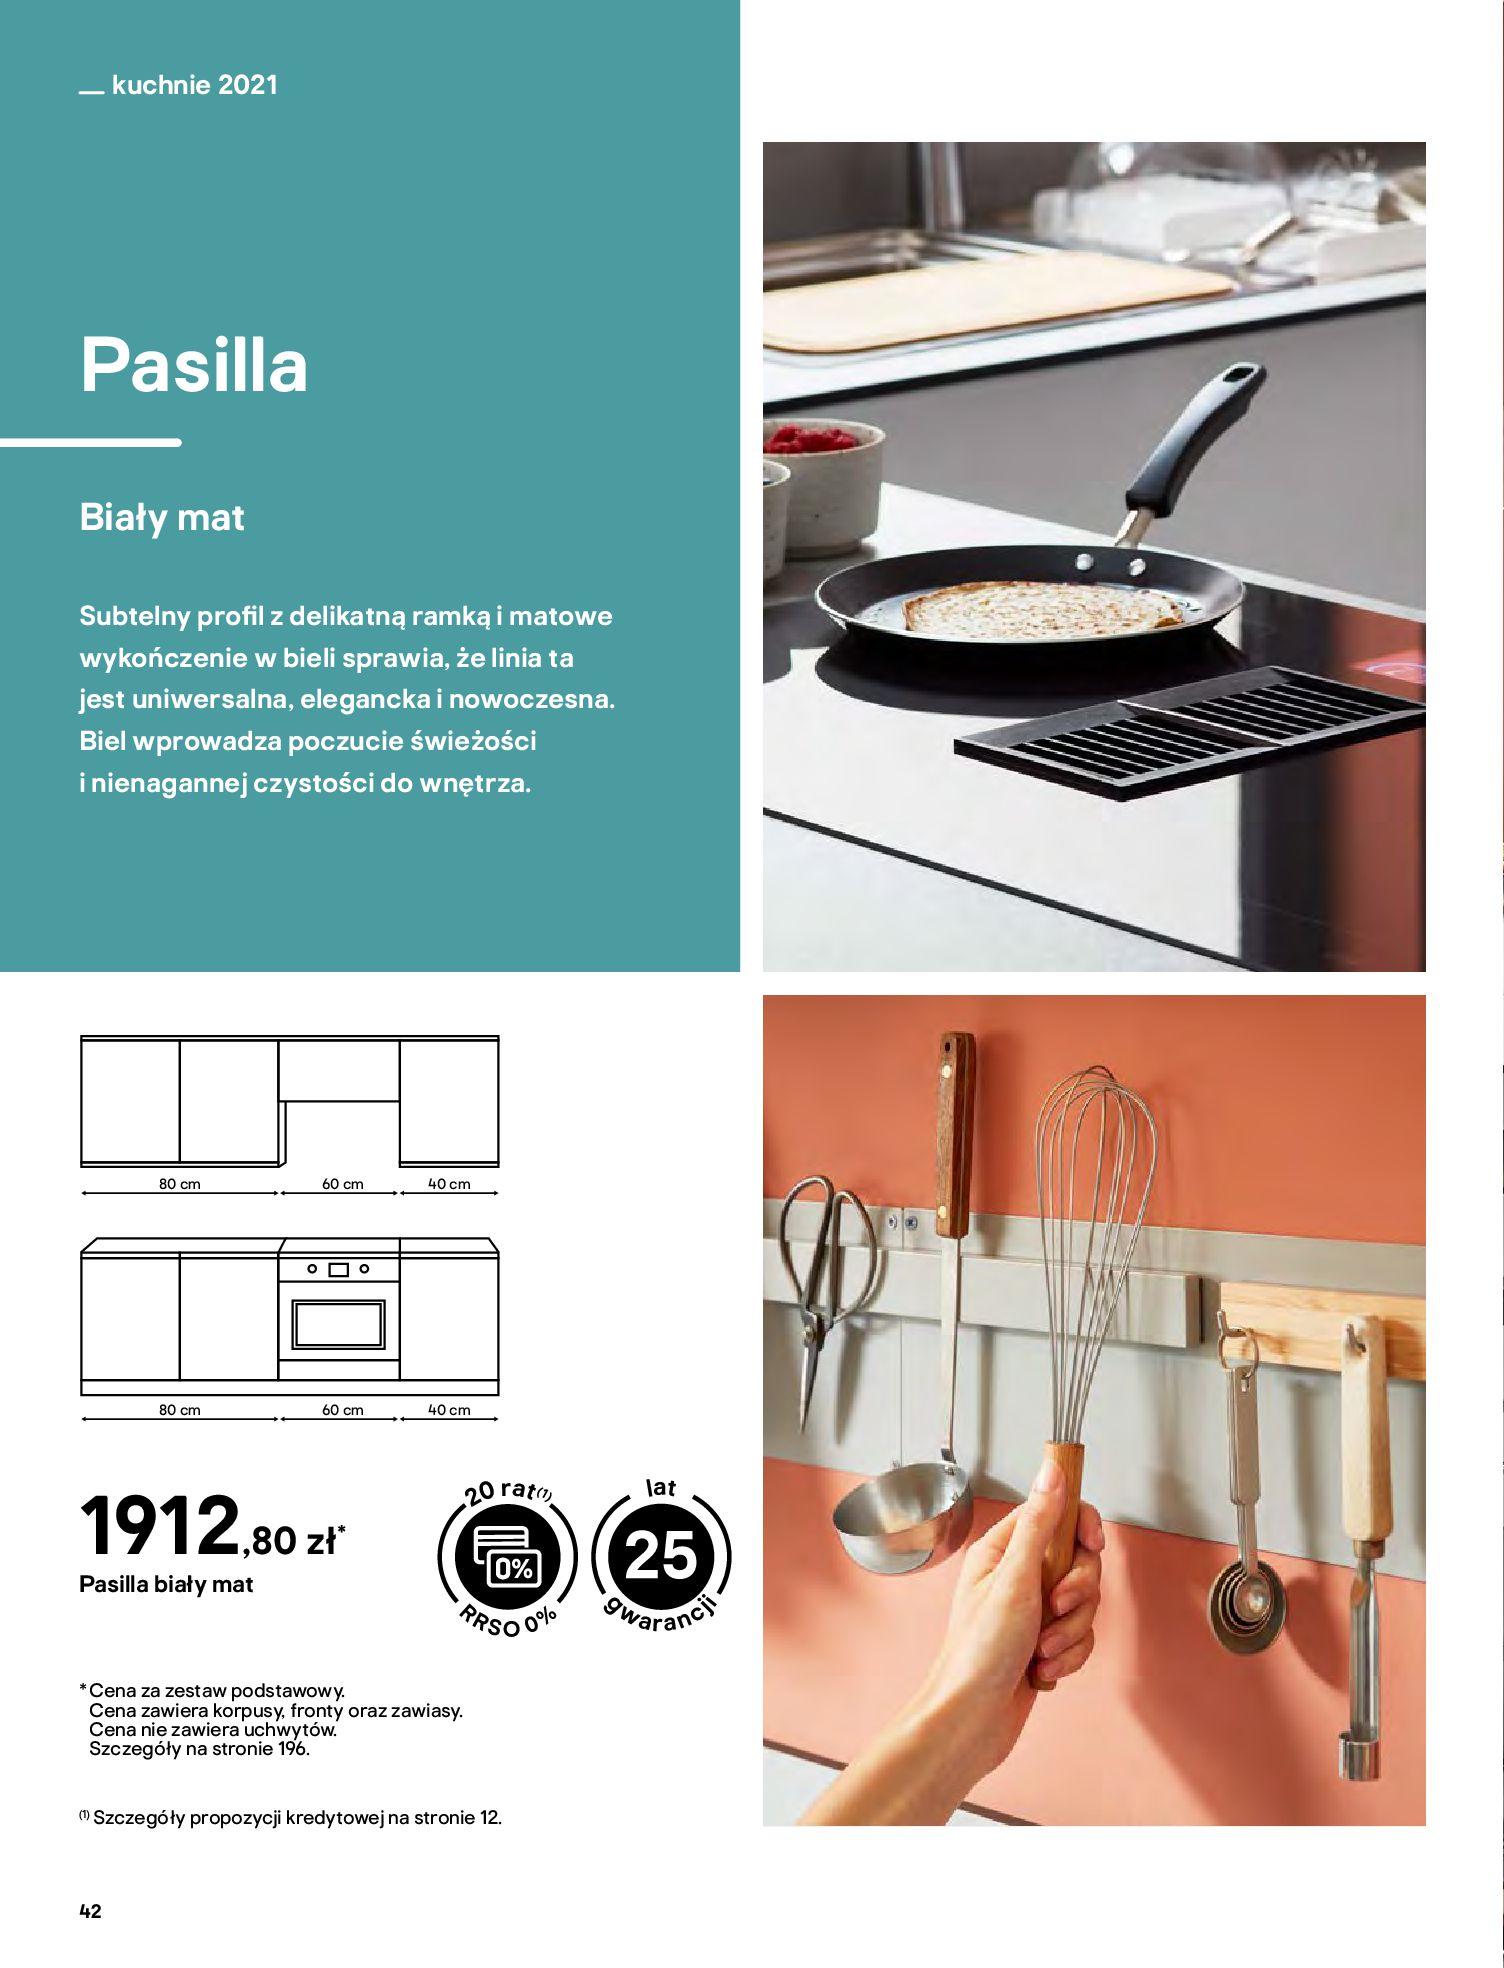 Gazetka Castorama: Katalog kuchnie 2021 2021-05-04 page-42